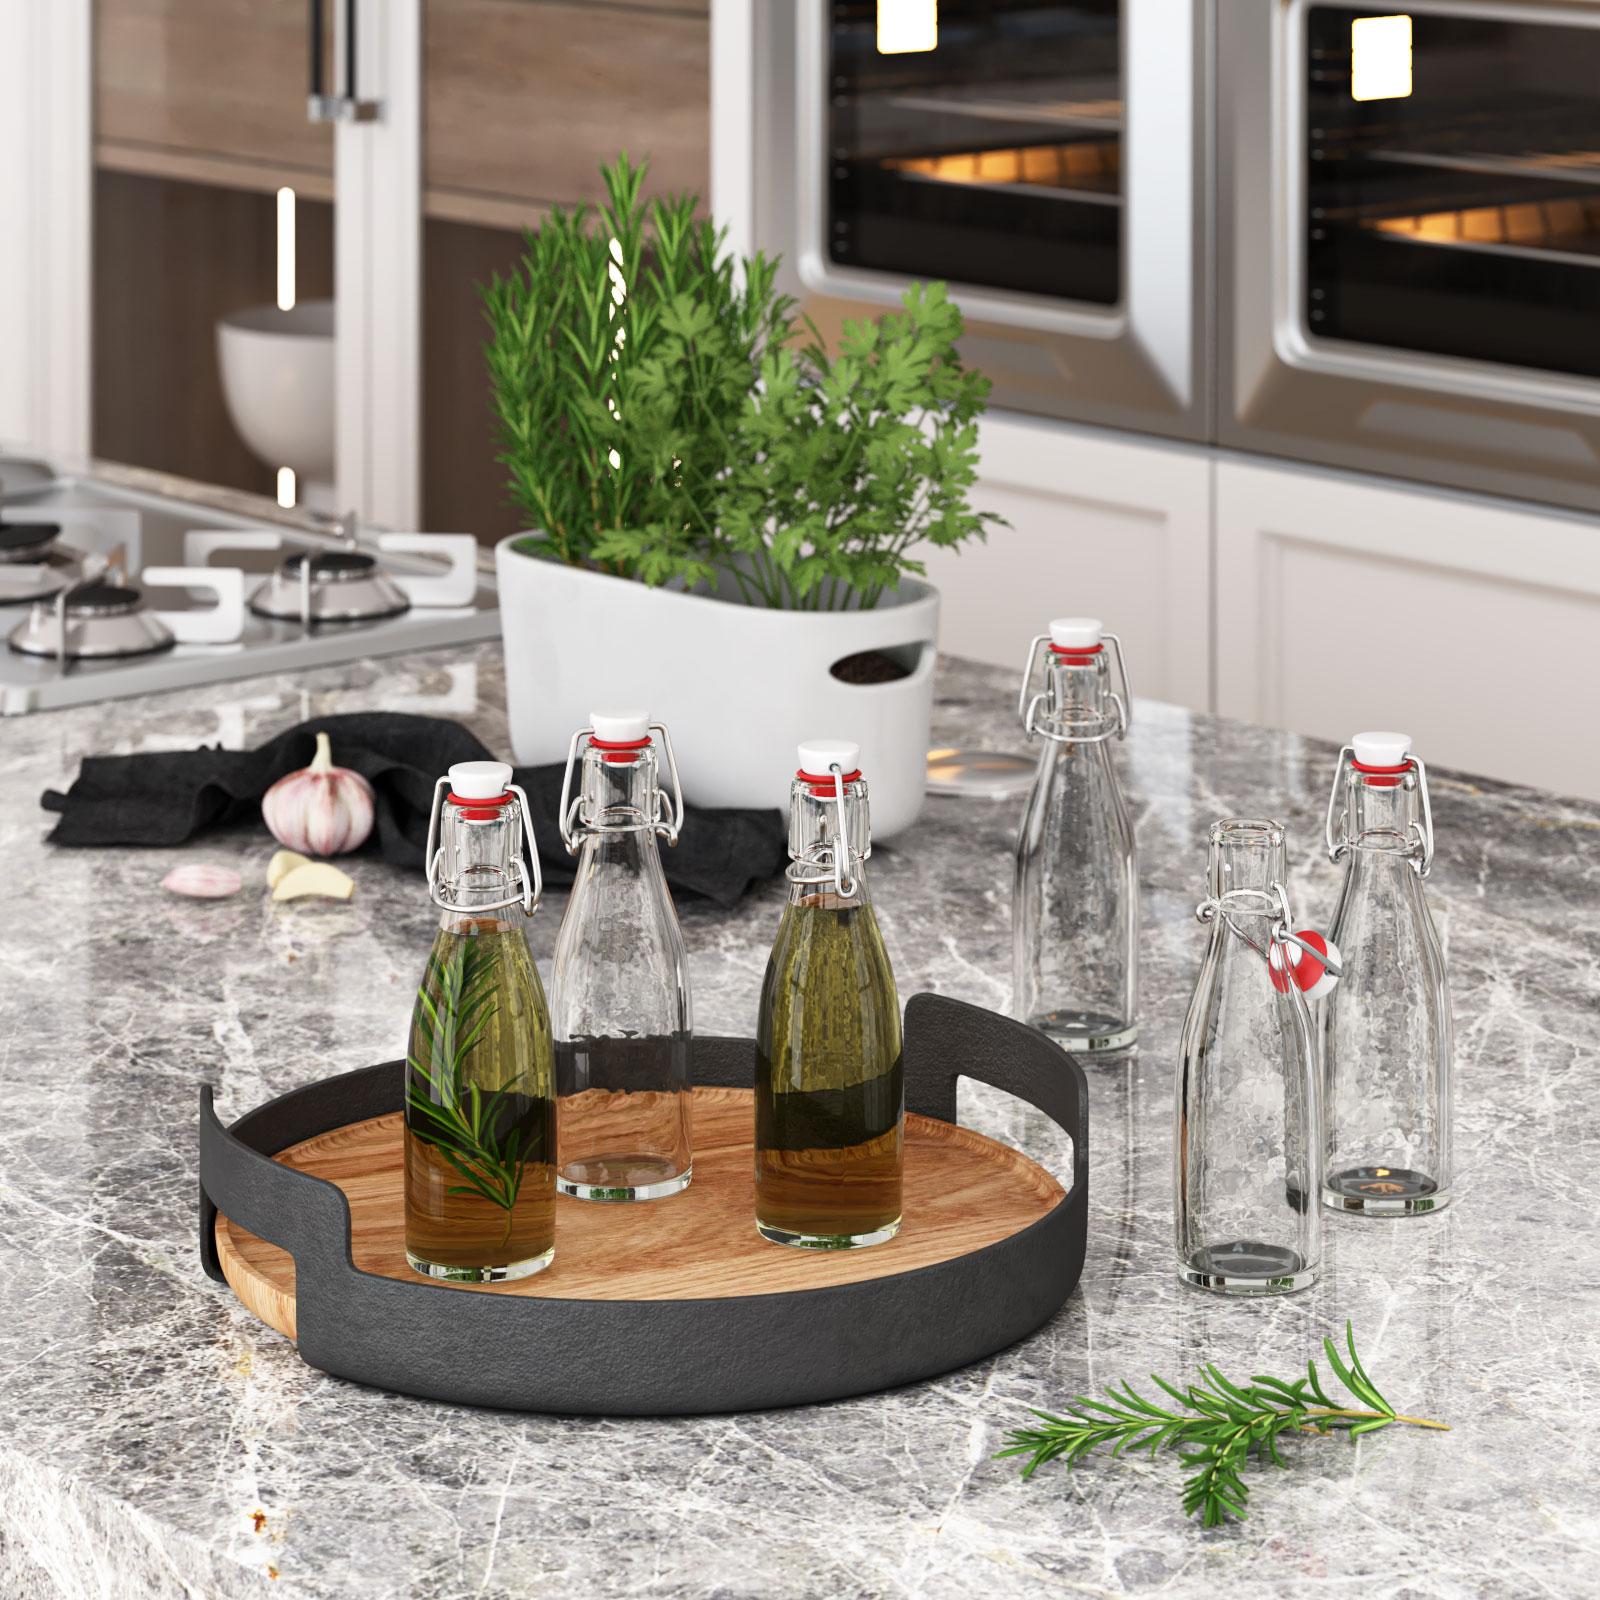 Glasflasche Küche 3D Produkt Visualisierung